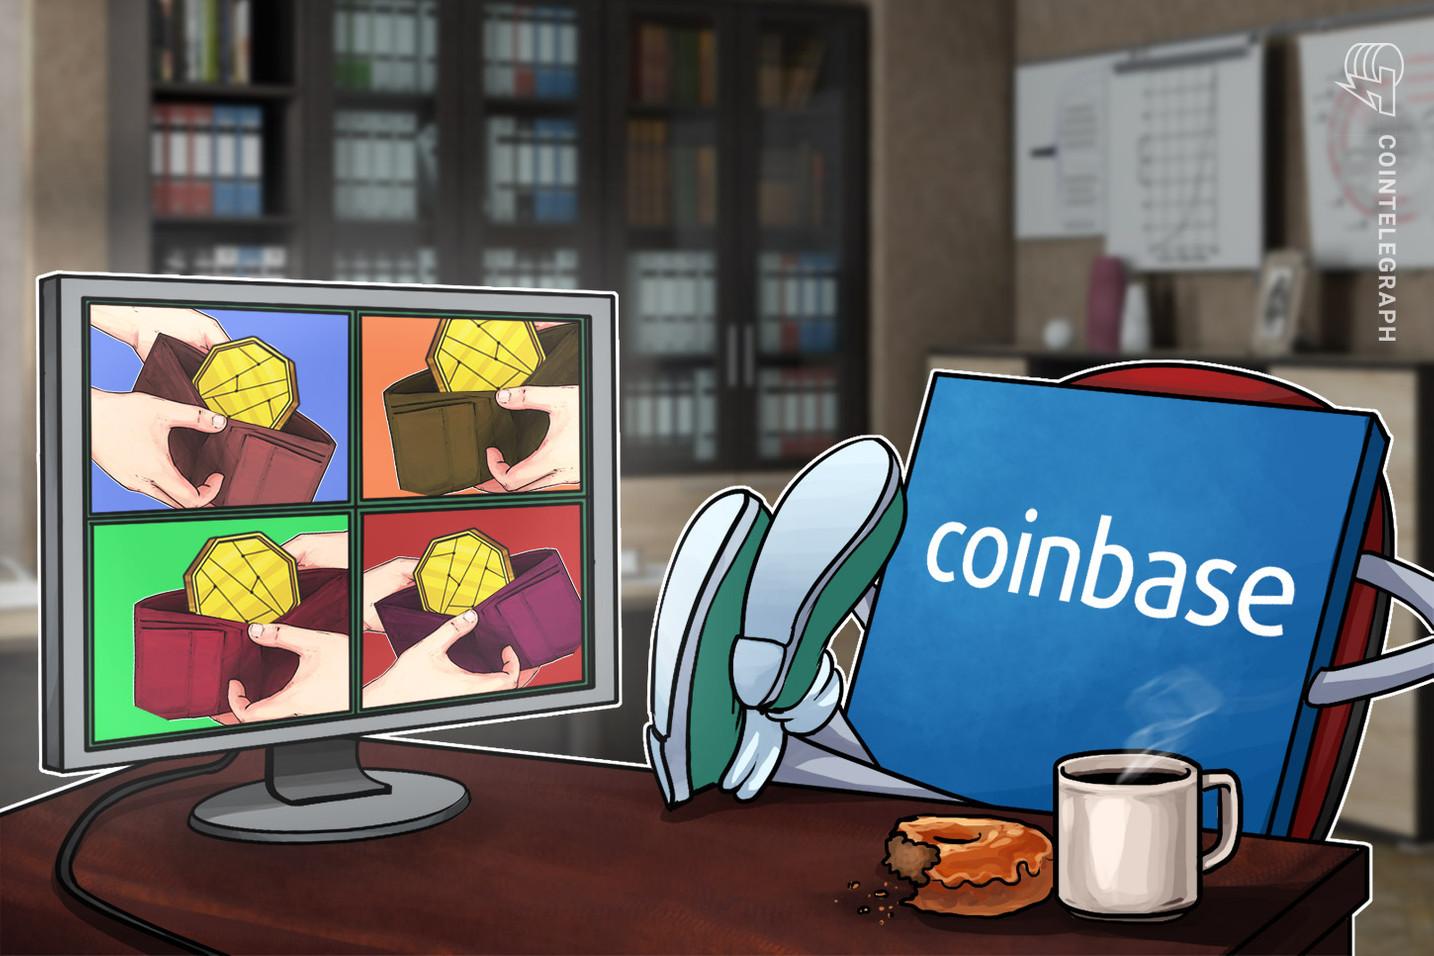 Gli utenti di Coinbase potranno collegare il proprio conto sulla piattaforma principale all'applicazione Wallet